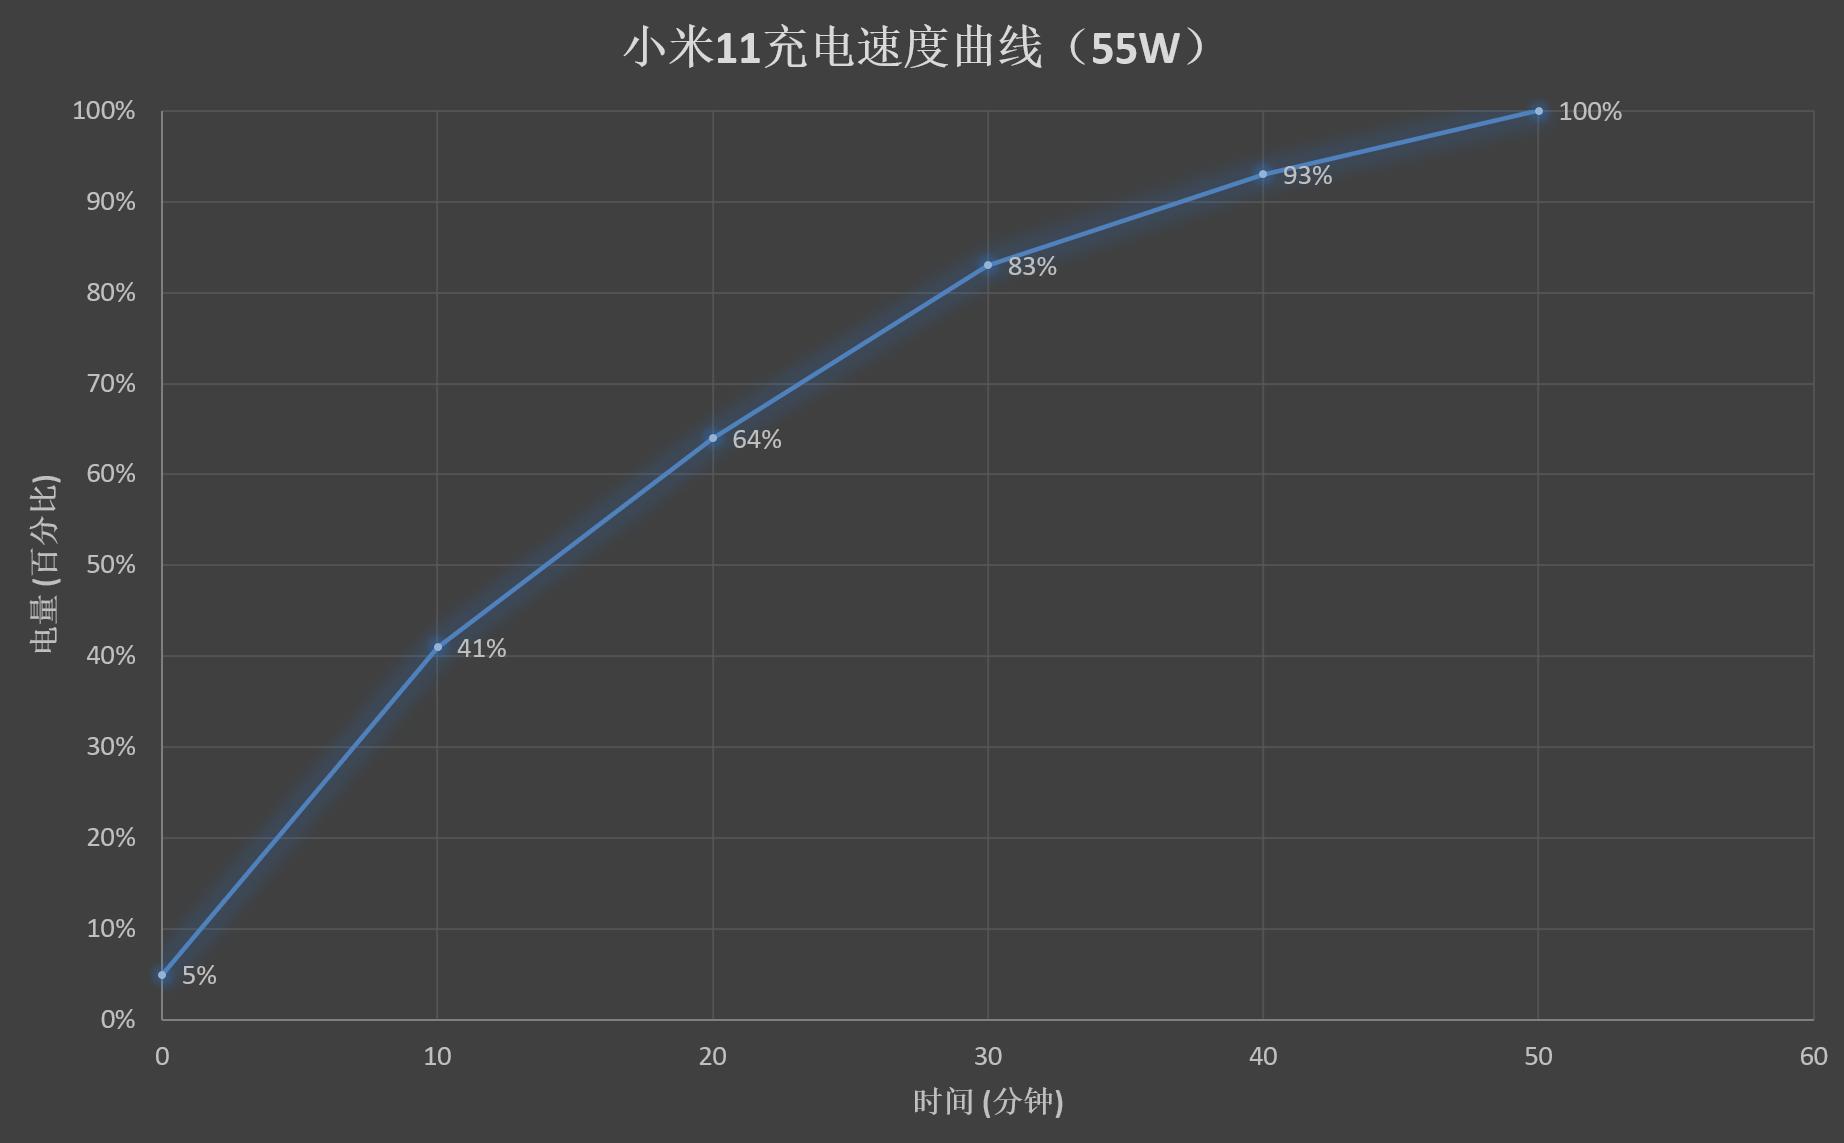 骁龙888首秀之作!小米11评测:顶级好屏、恰如其分